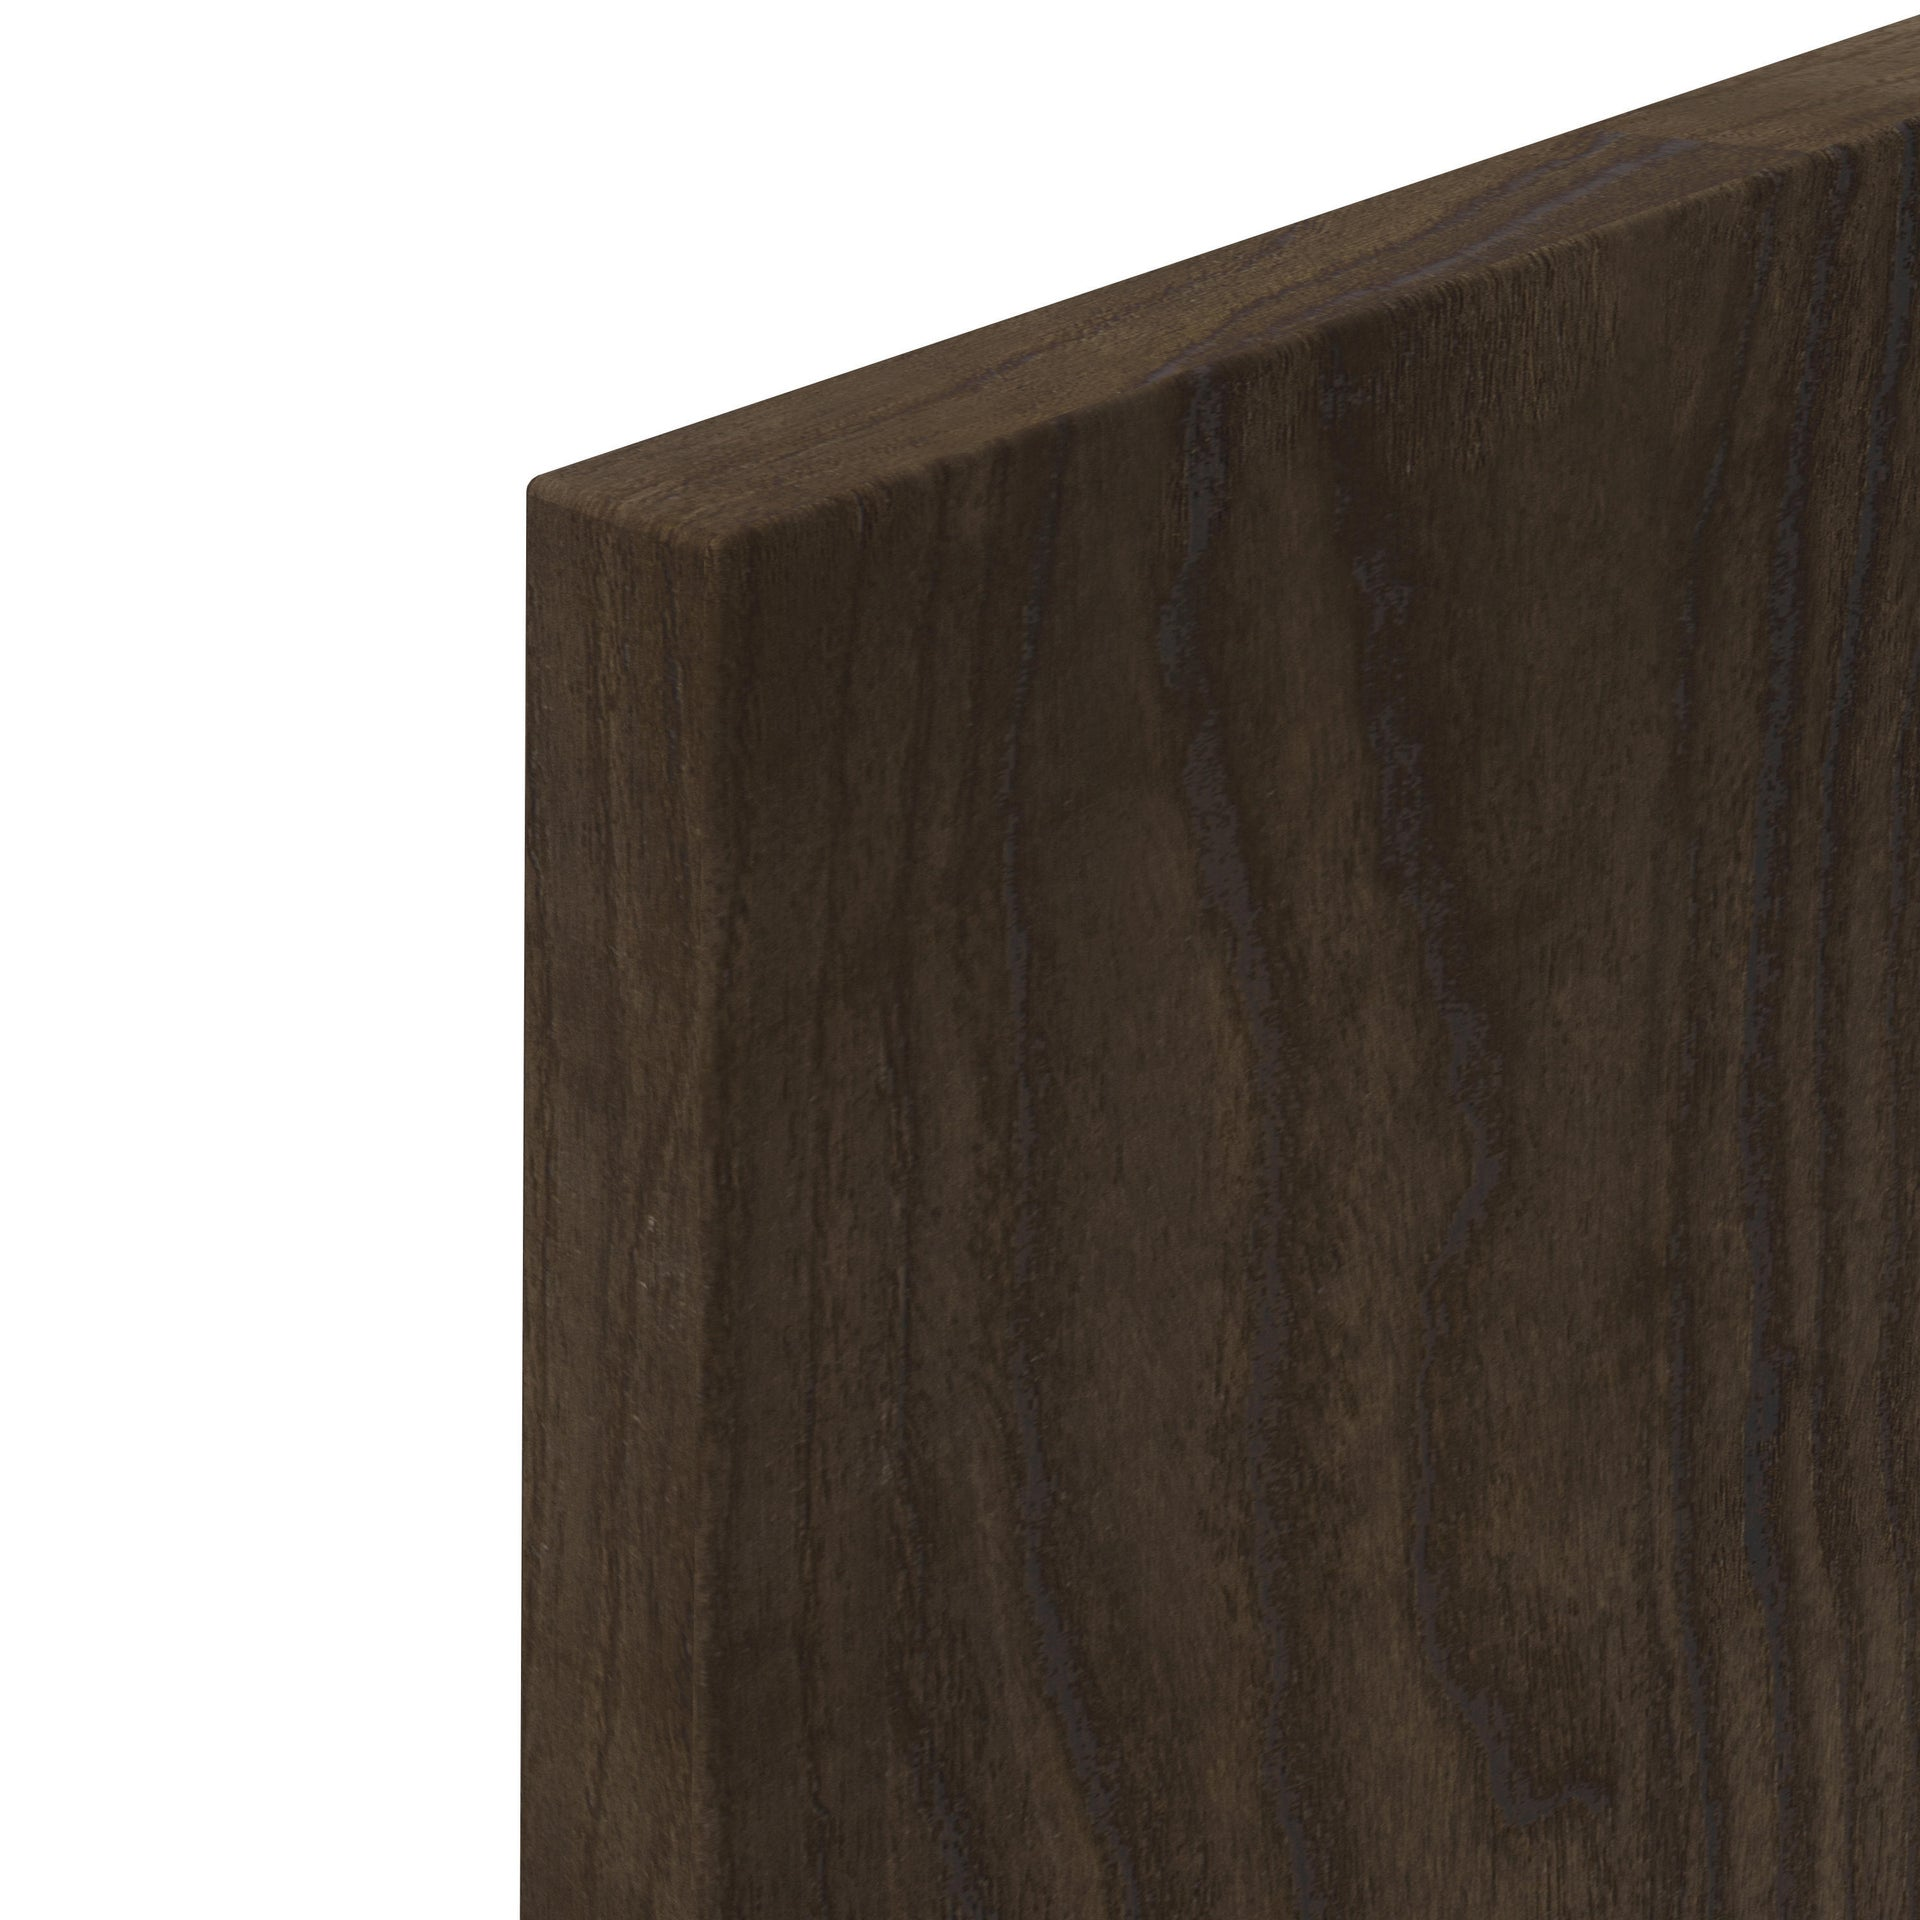 Porta dell'armadio da cucina DELINIA ID Siena 59.7 x 76.5 x 76.5 cm rovere moro - 1